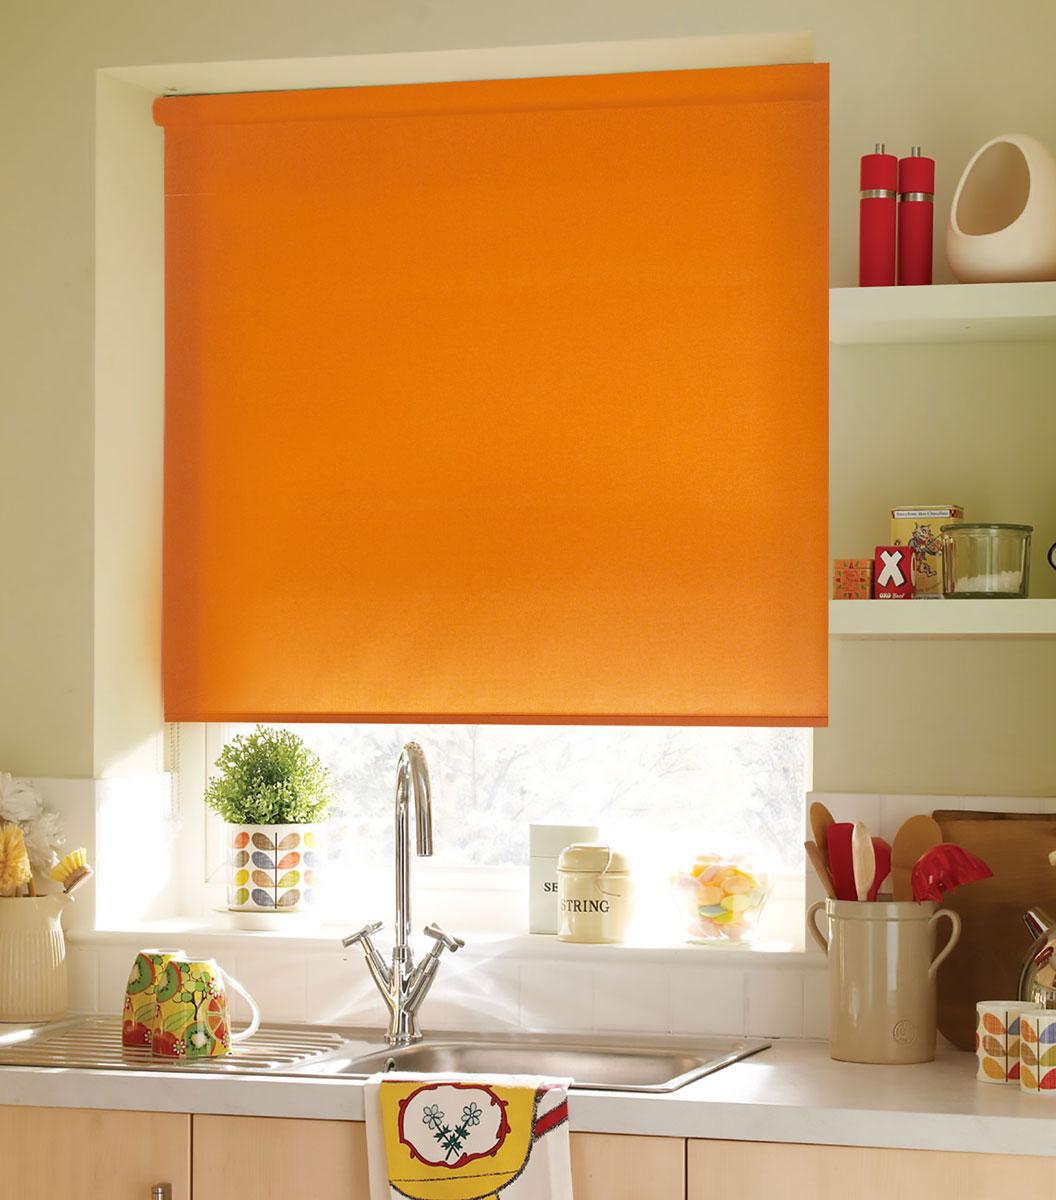 Миниролло KauffOrt 43х170 см, цвет: оранжевый